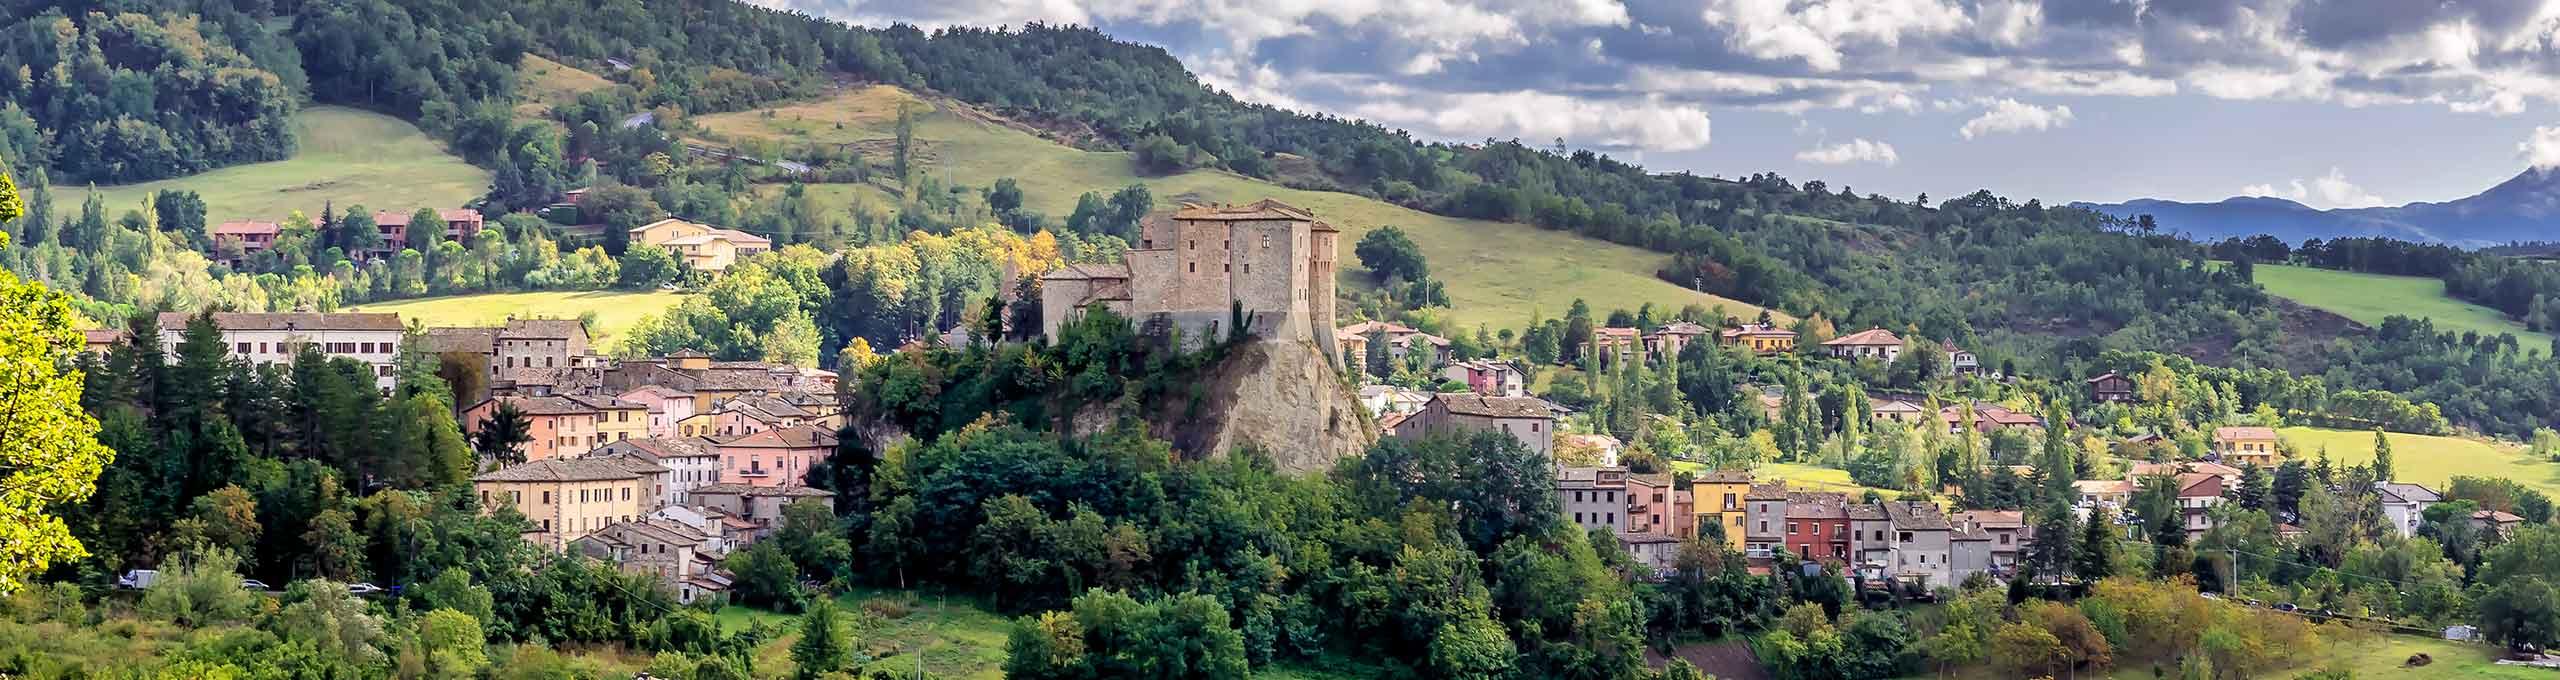 Costruzione fortificata Rocca Fregoso in primo piano